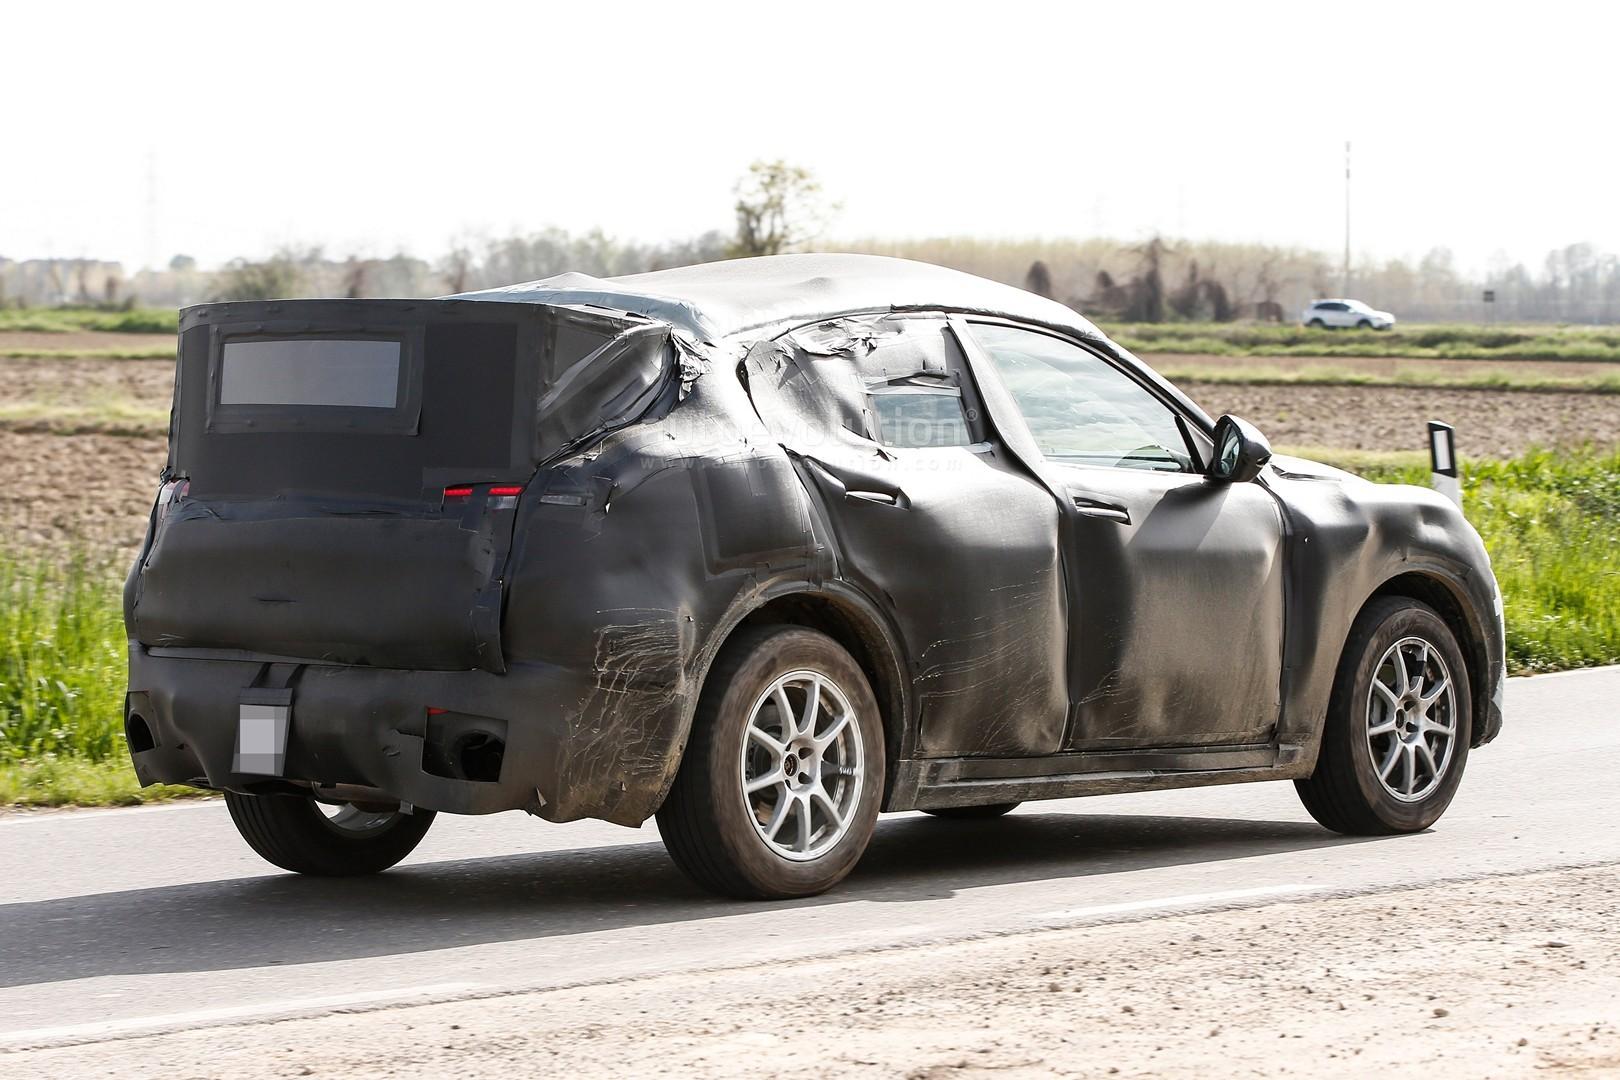 2017 alfa romeo stelvio suv tipo 949 debut set for 2016 la auto show autoevolution. Black Bedroom Furniture Sets. Home Design Ideas